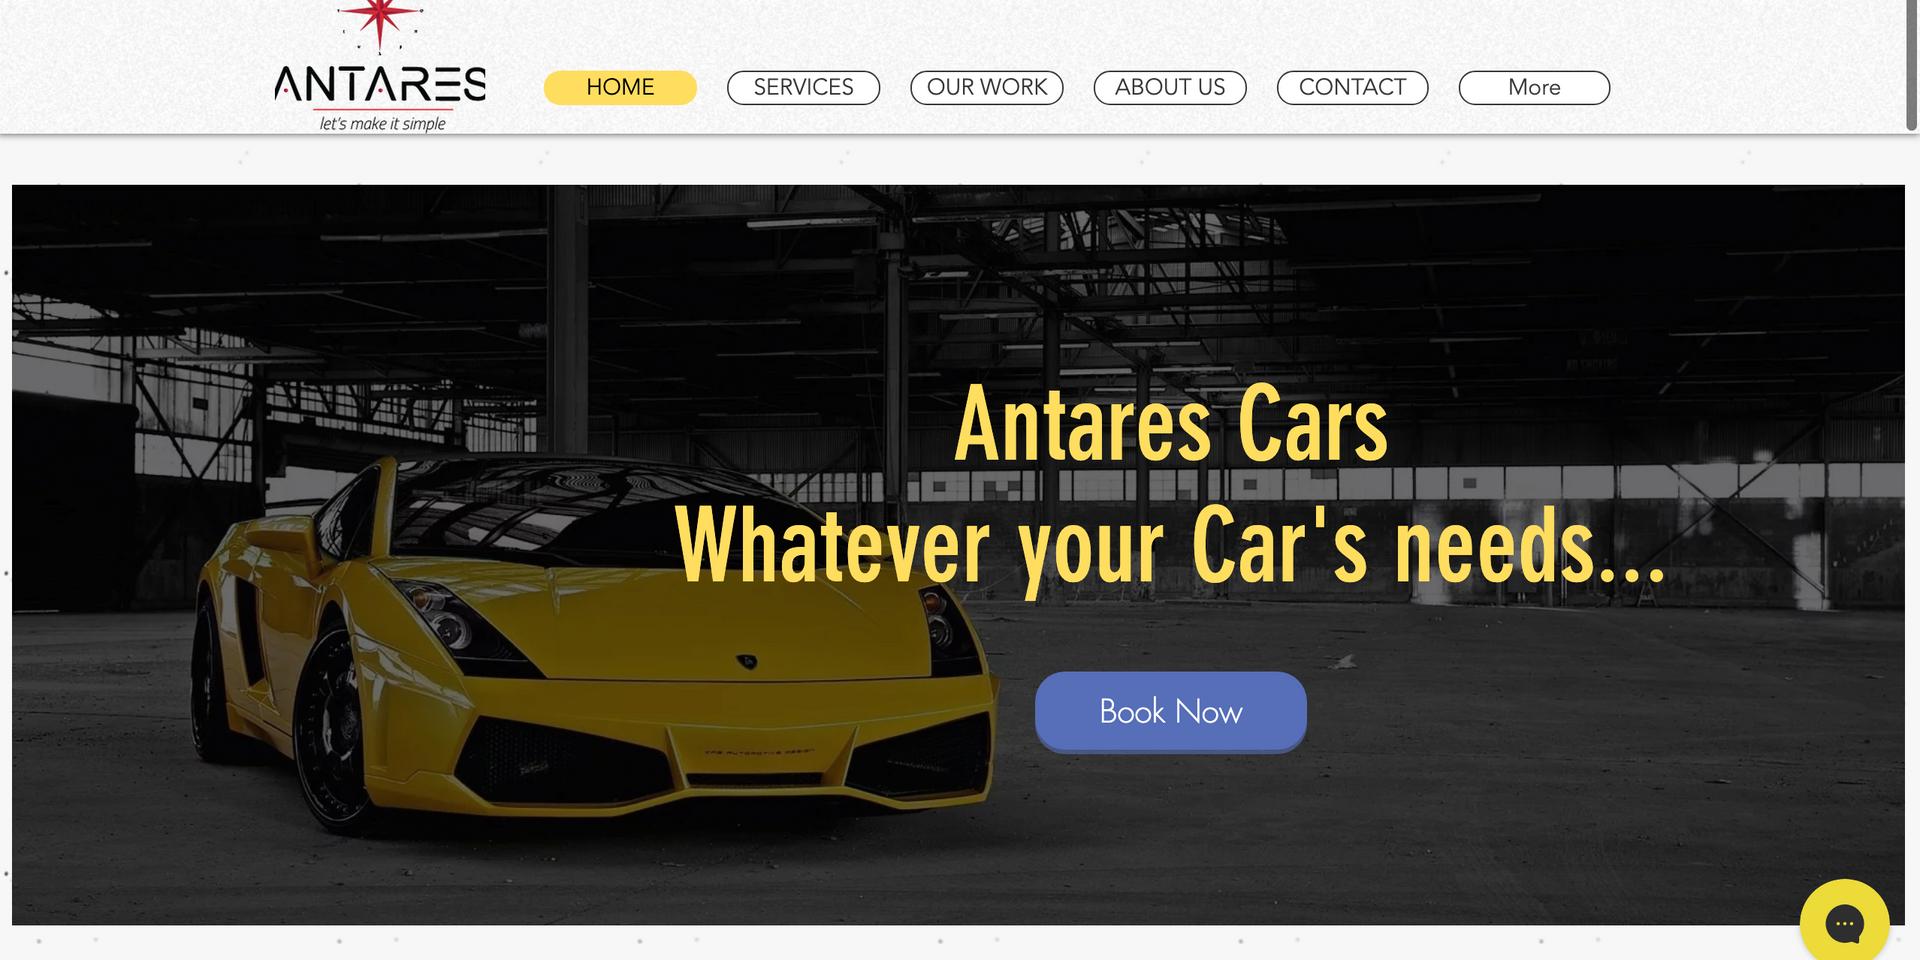 Antares rent a car